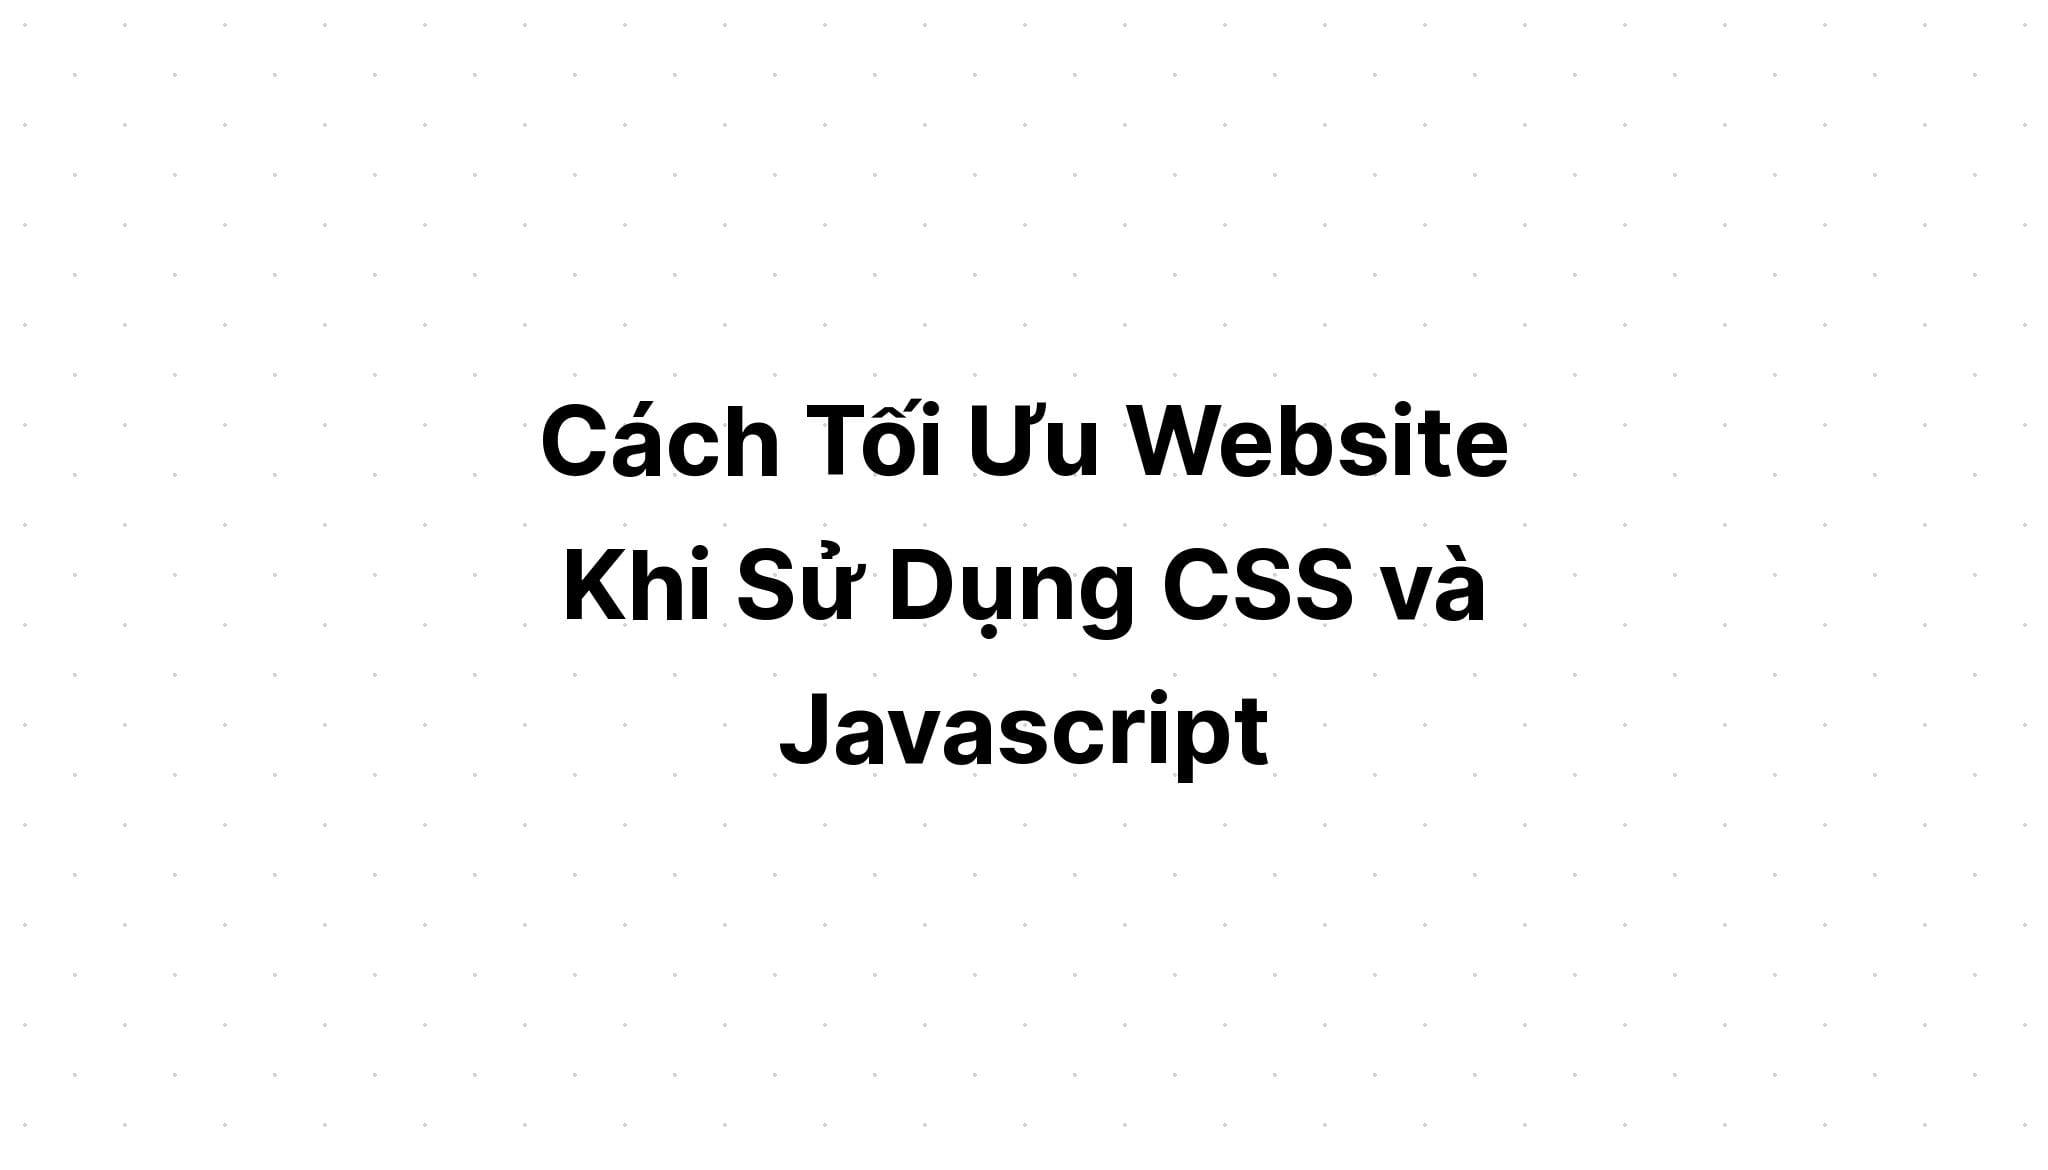 Cách Tối Ưu Website Khi Sử Dụng CSS và Javascript